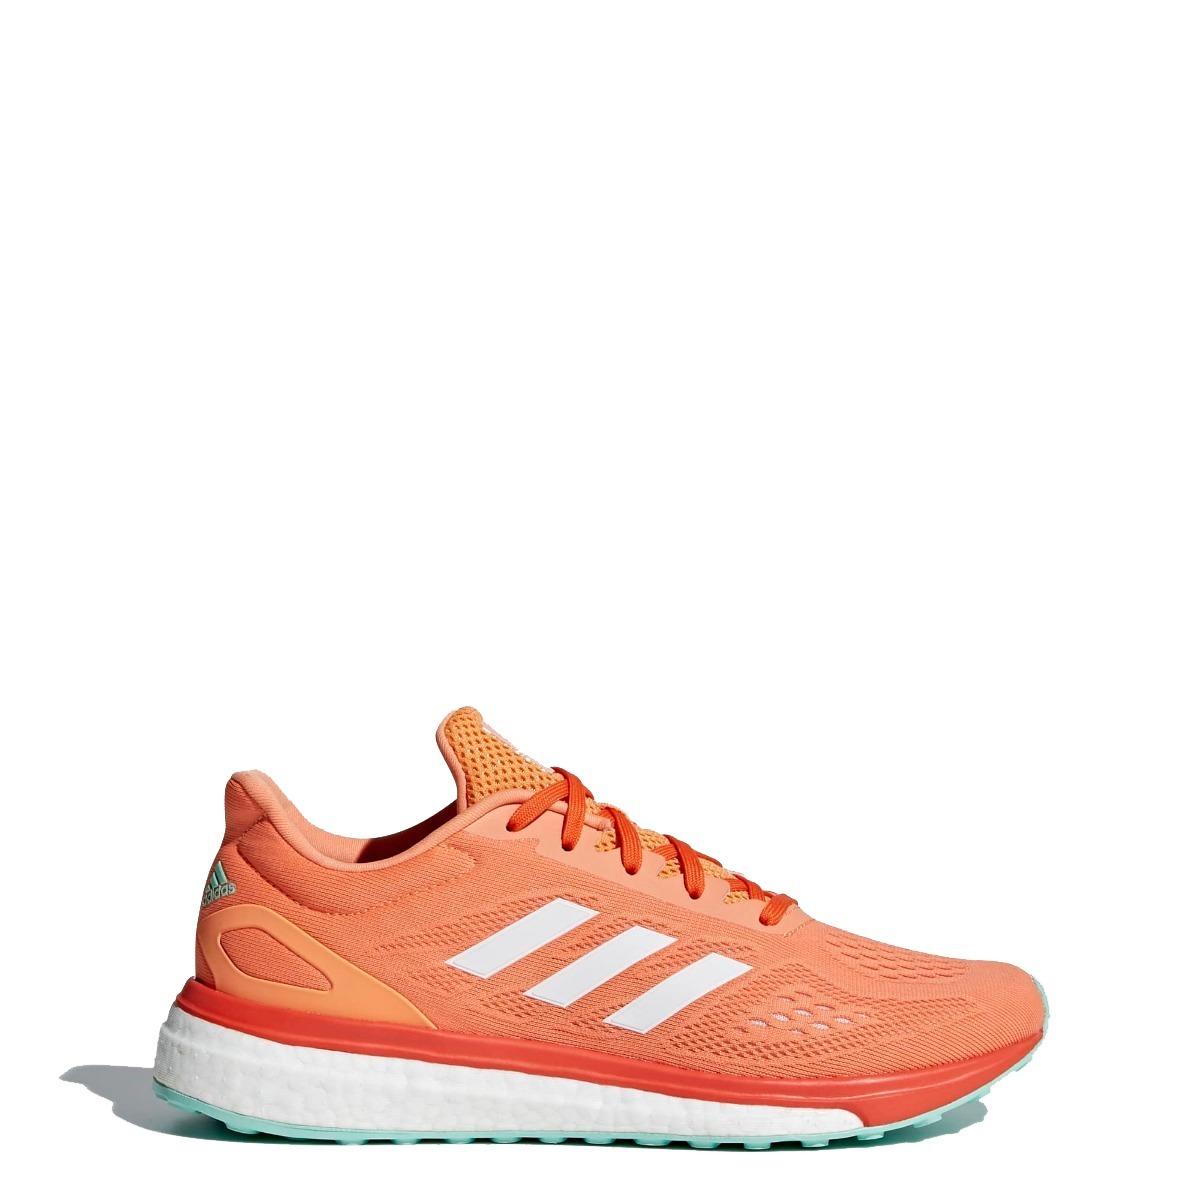 tênis adidas response lt limited corrida treino caminhada. Carregando zoom. 8958df643a7d4